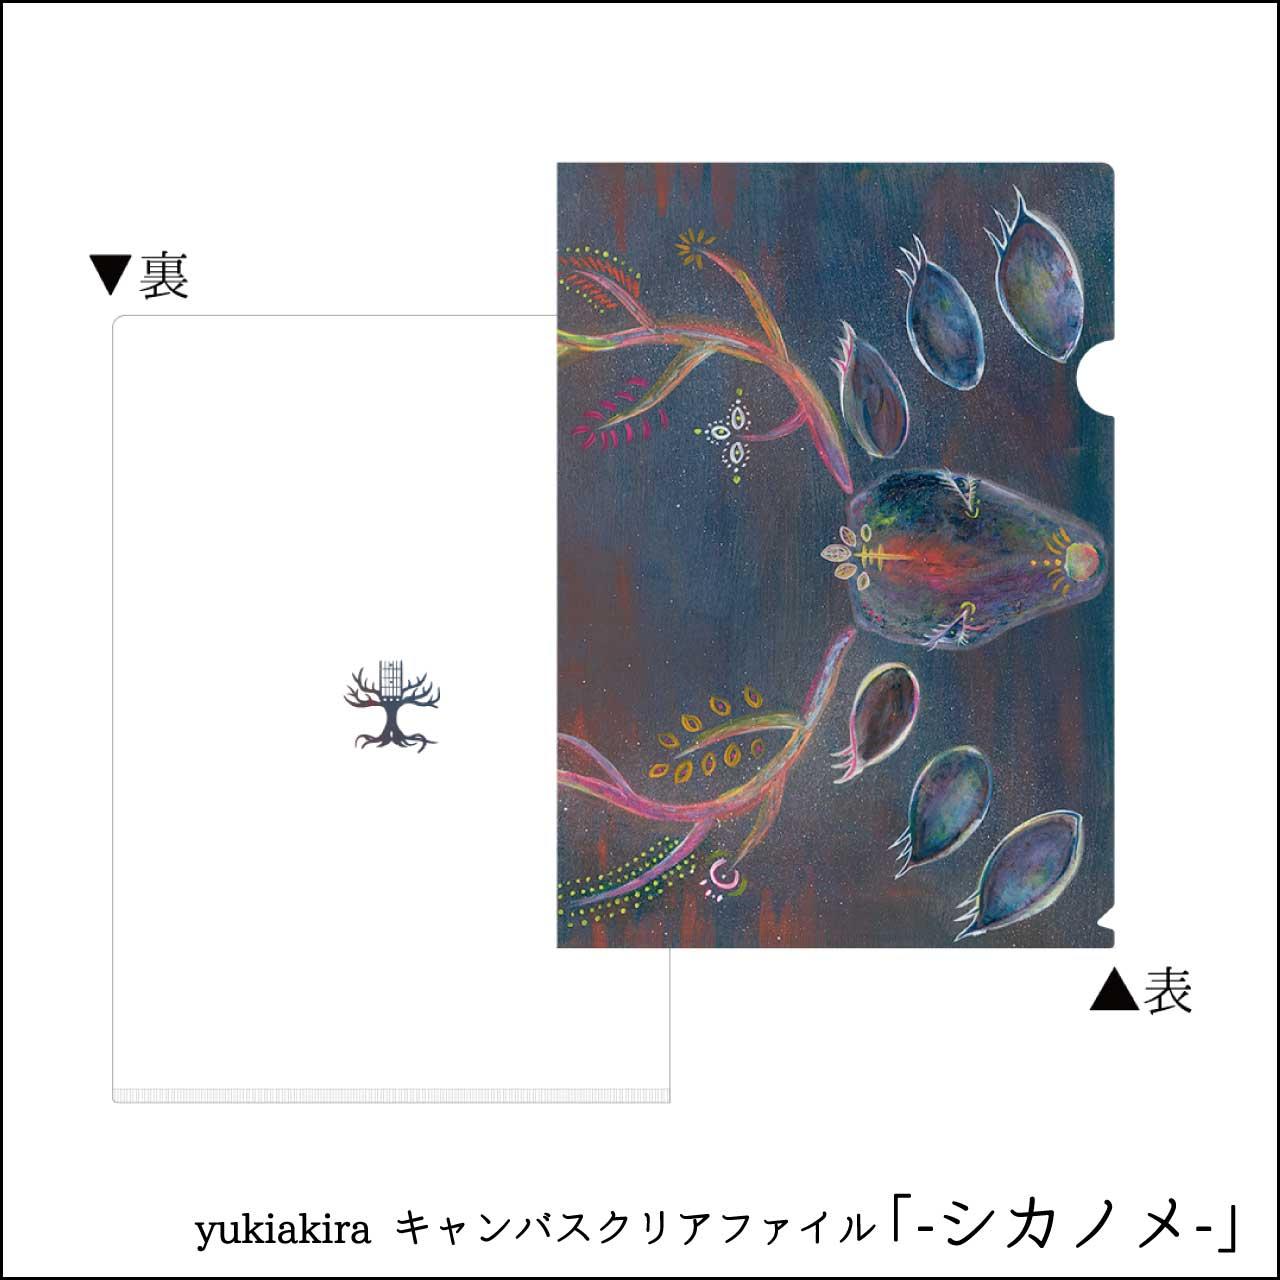 yukiakira キャンバスクリアファイル